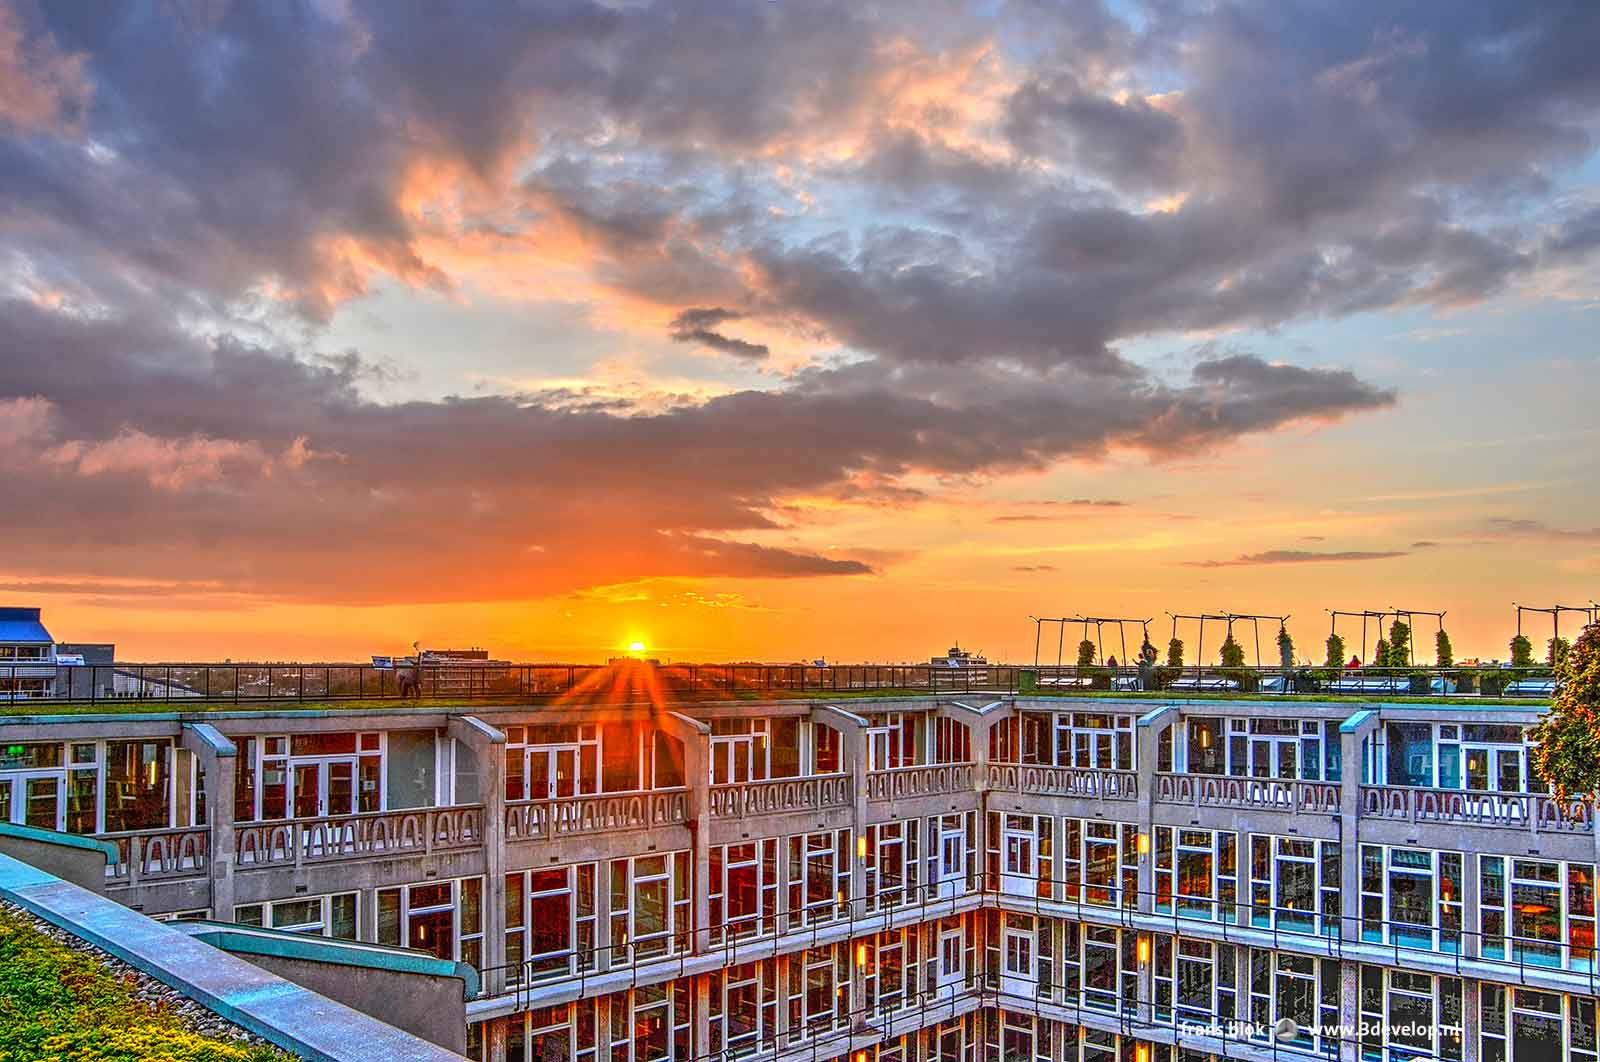 Zonsondergang gezien vanaf het dak van het Groothandelsgebouw in Rotterdam met een van de binnenhoven van dat gebouw op de voorgrond